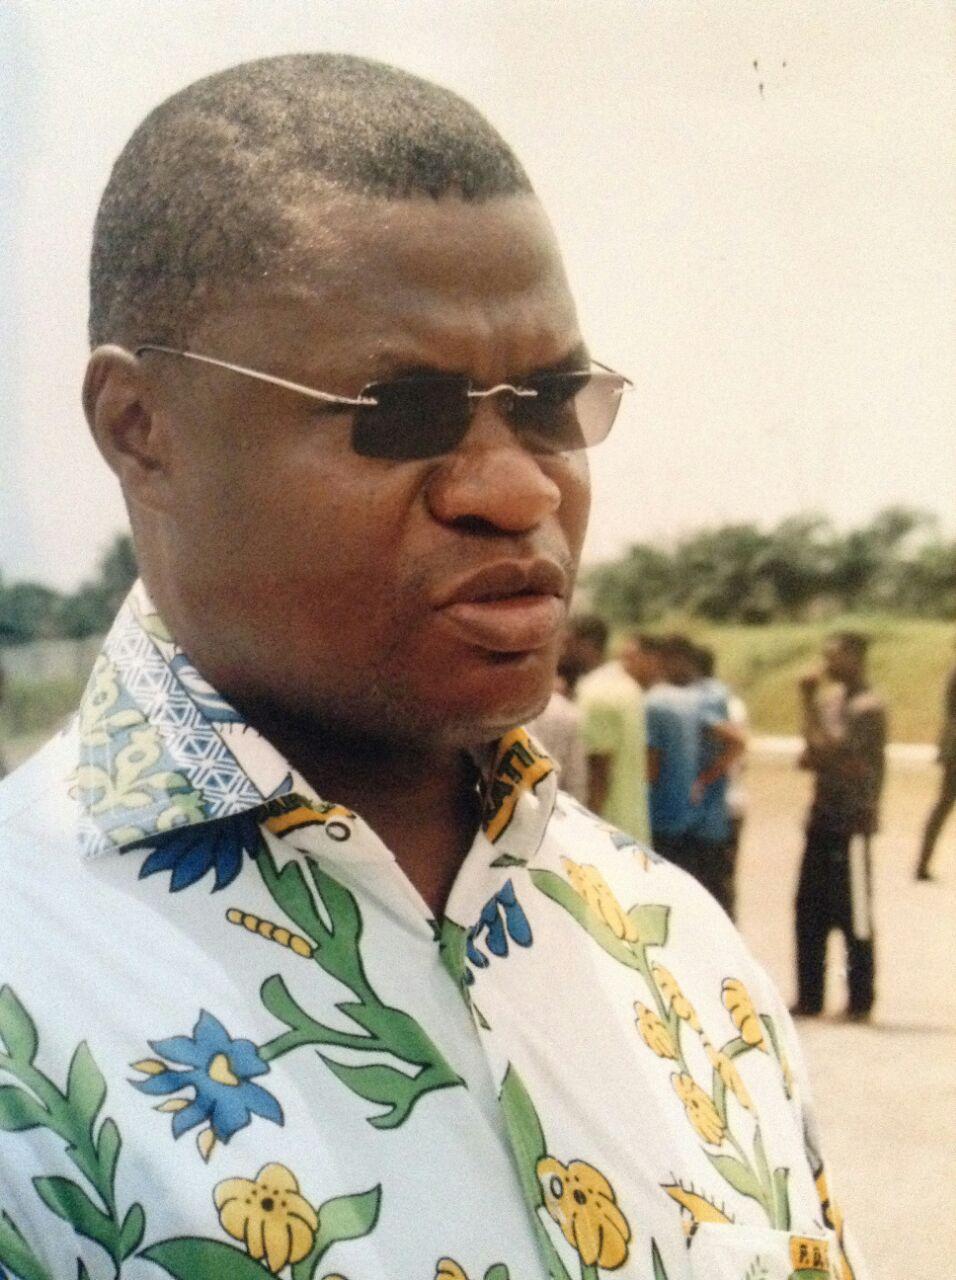 Législatives partielles à Malinga : Le candidat Keba Moukoumi pour remplacer  Nzengué Mayila